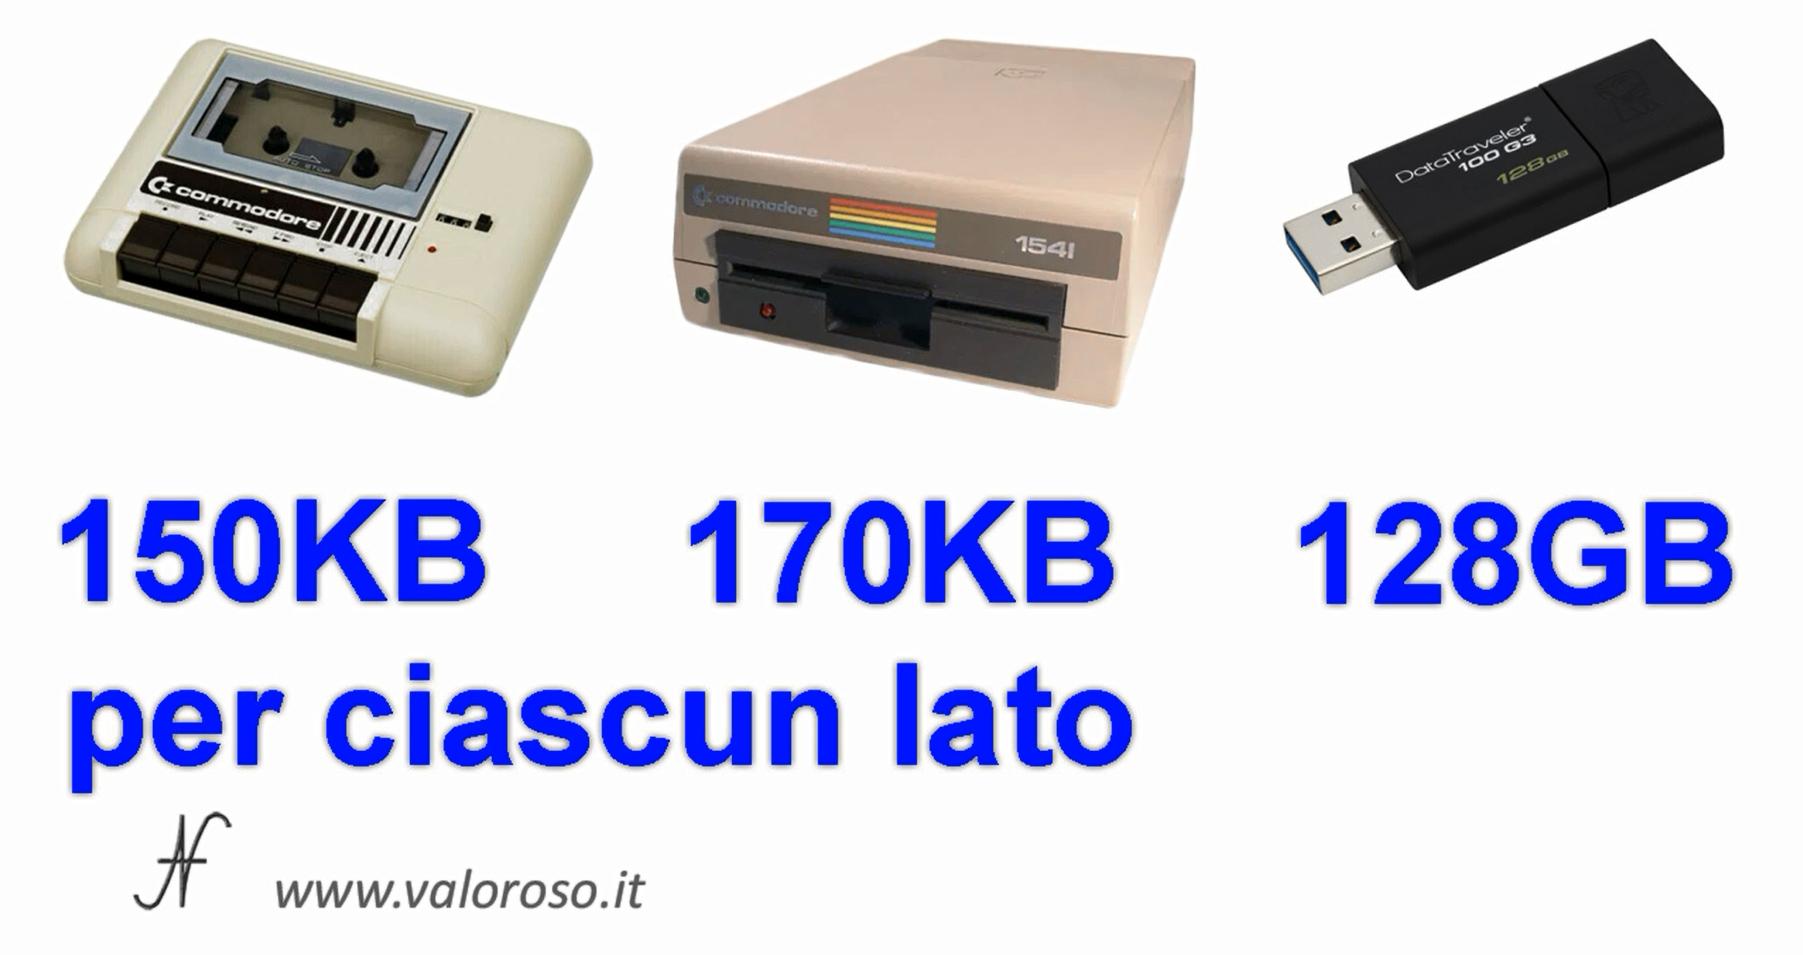 Commodore Vs PC moderno, confronto capacità, datassette, pendrive USB3, floppy disk drive 1541